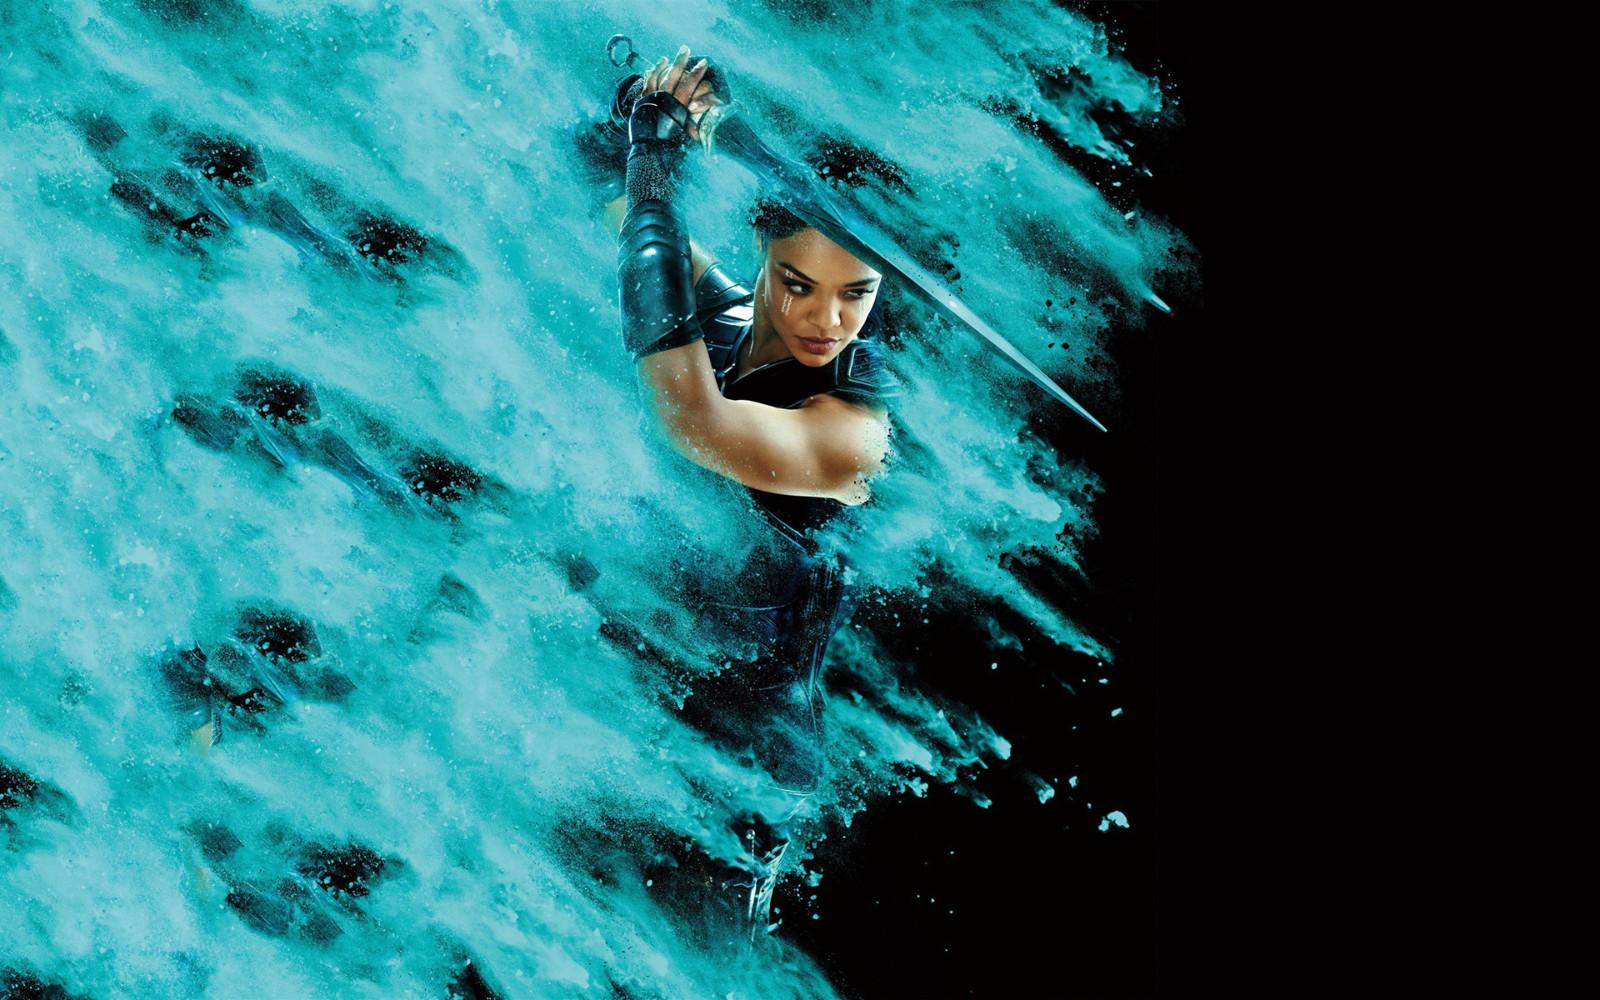 长发帅气日本女武士,雷神里的女战神高清电脑壁纸